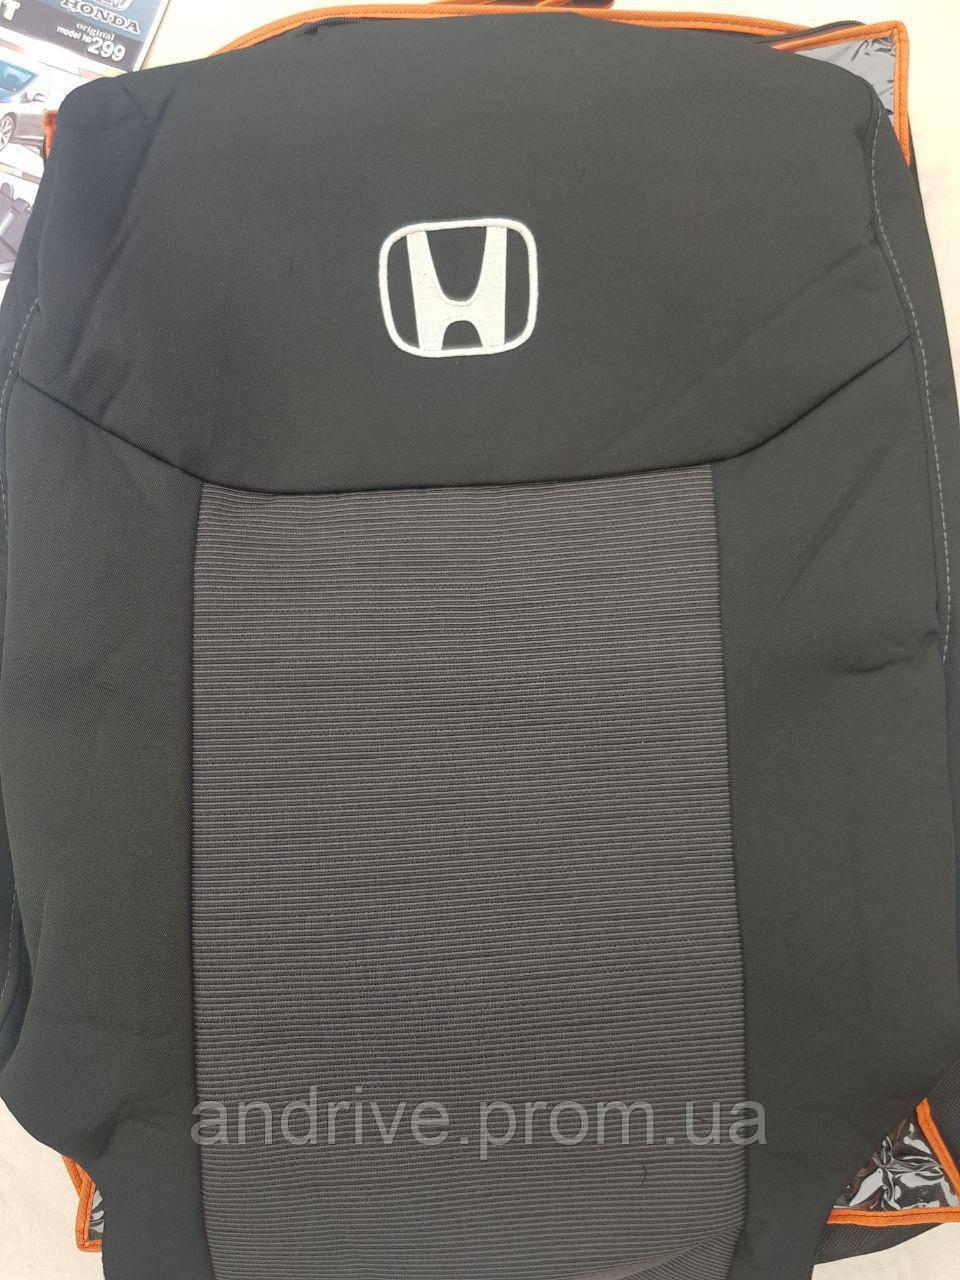 Авточехлы Honda Accord Sedan с 2013 г